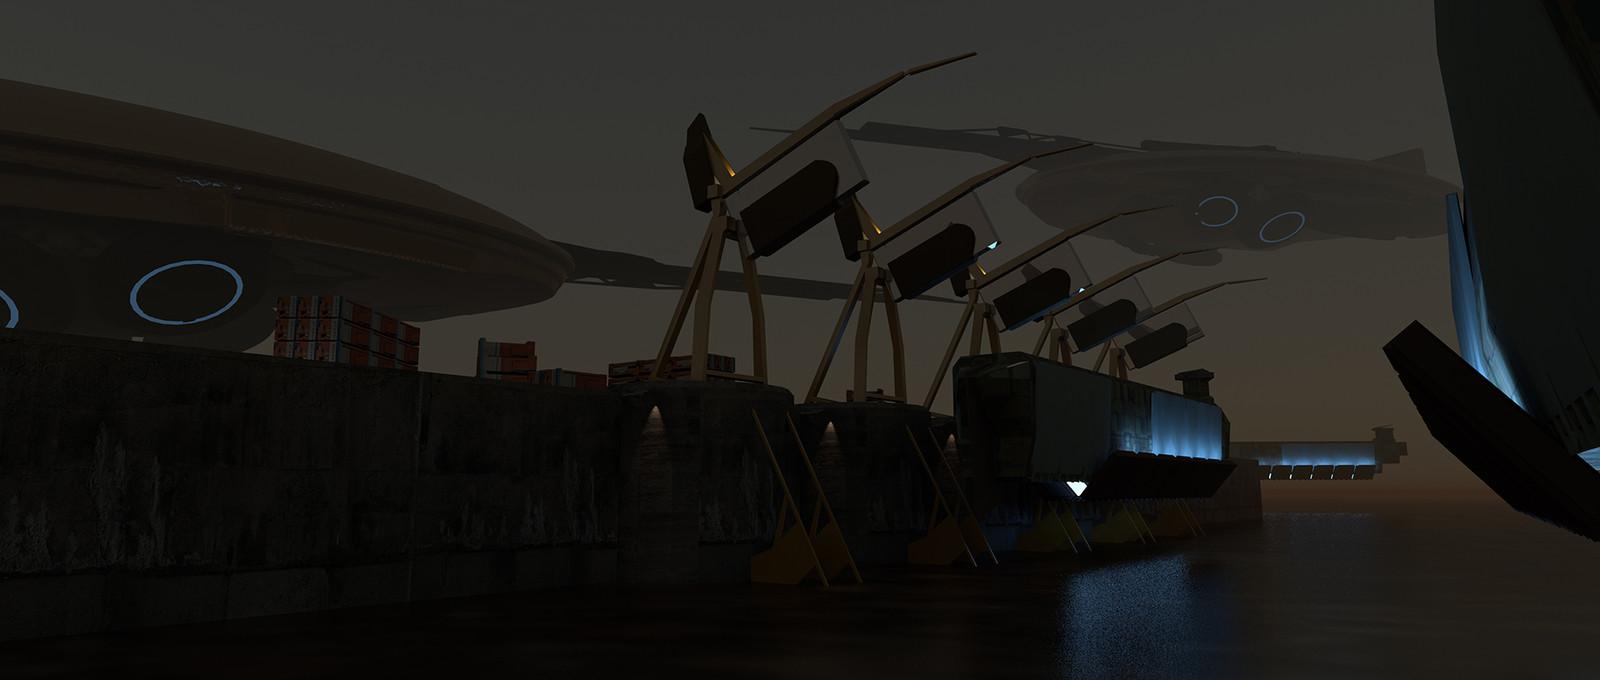 3d base render